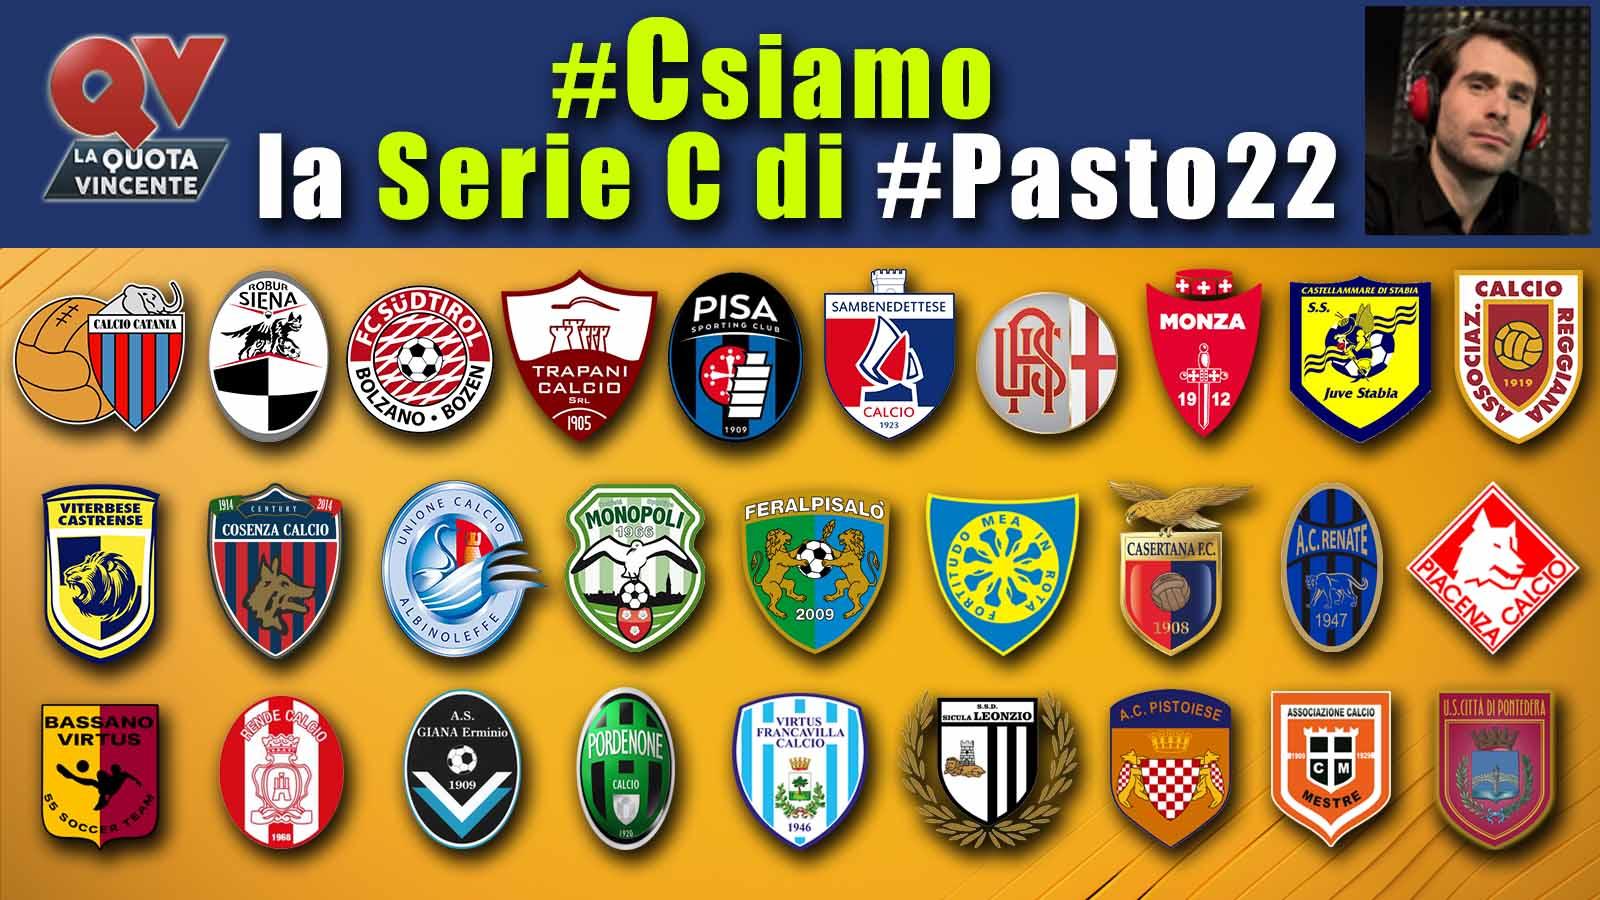 Pronostici Serie C venerdì 11 maggio: #Csiamo playoff, il blog di #Pasto22